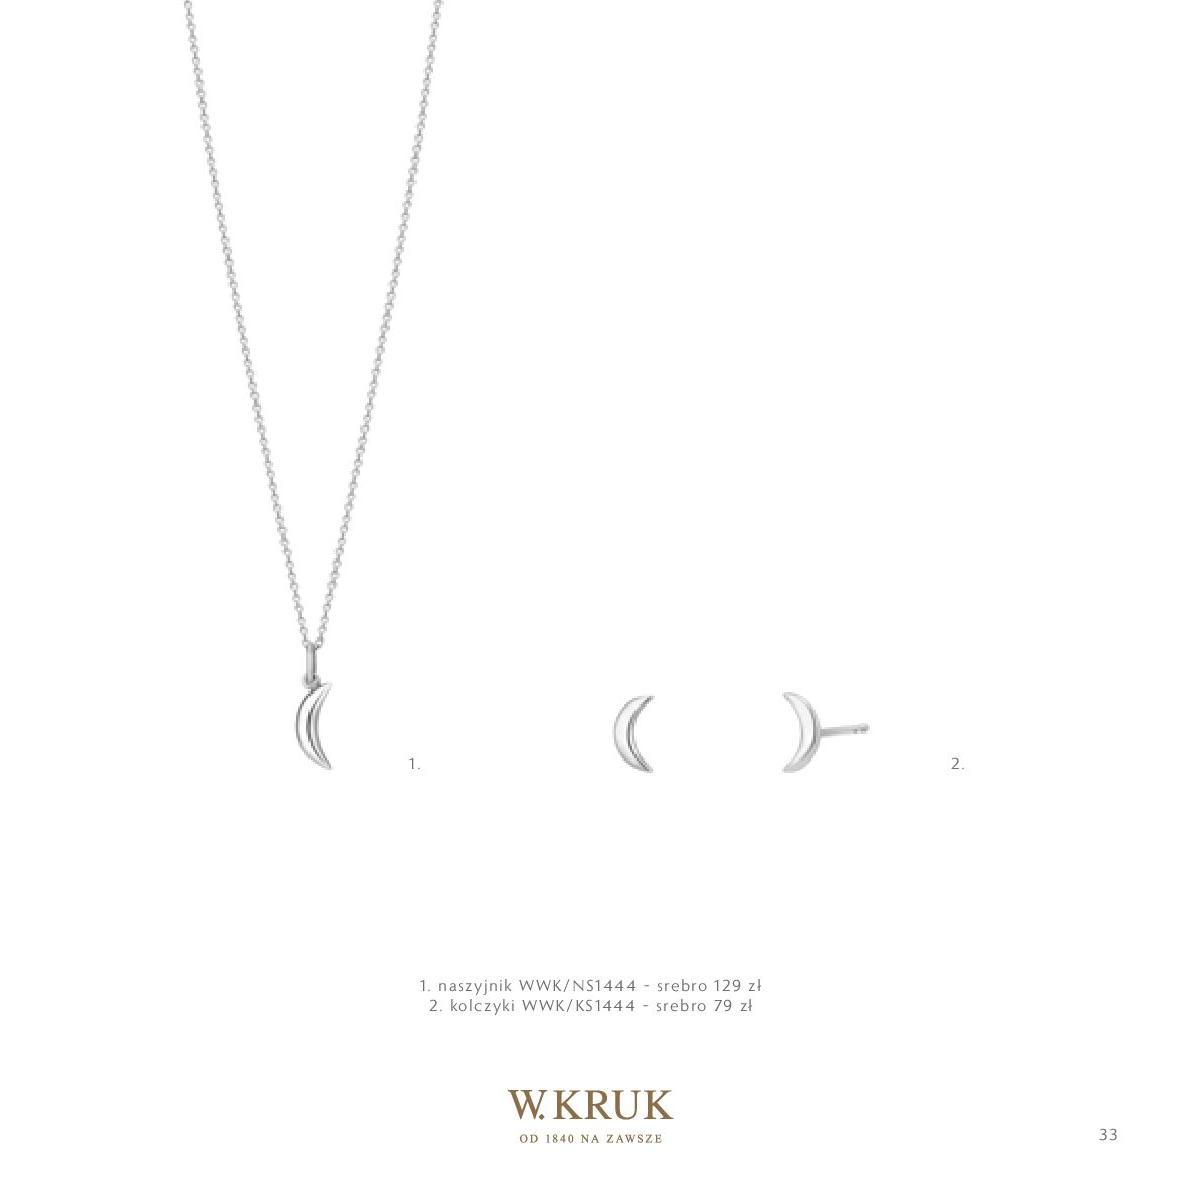 Gazetka W. KRUK: Katalog - Freedom Wolf 2021-02-17 page-35